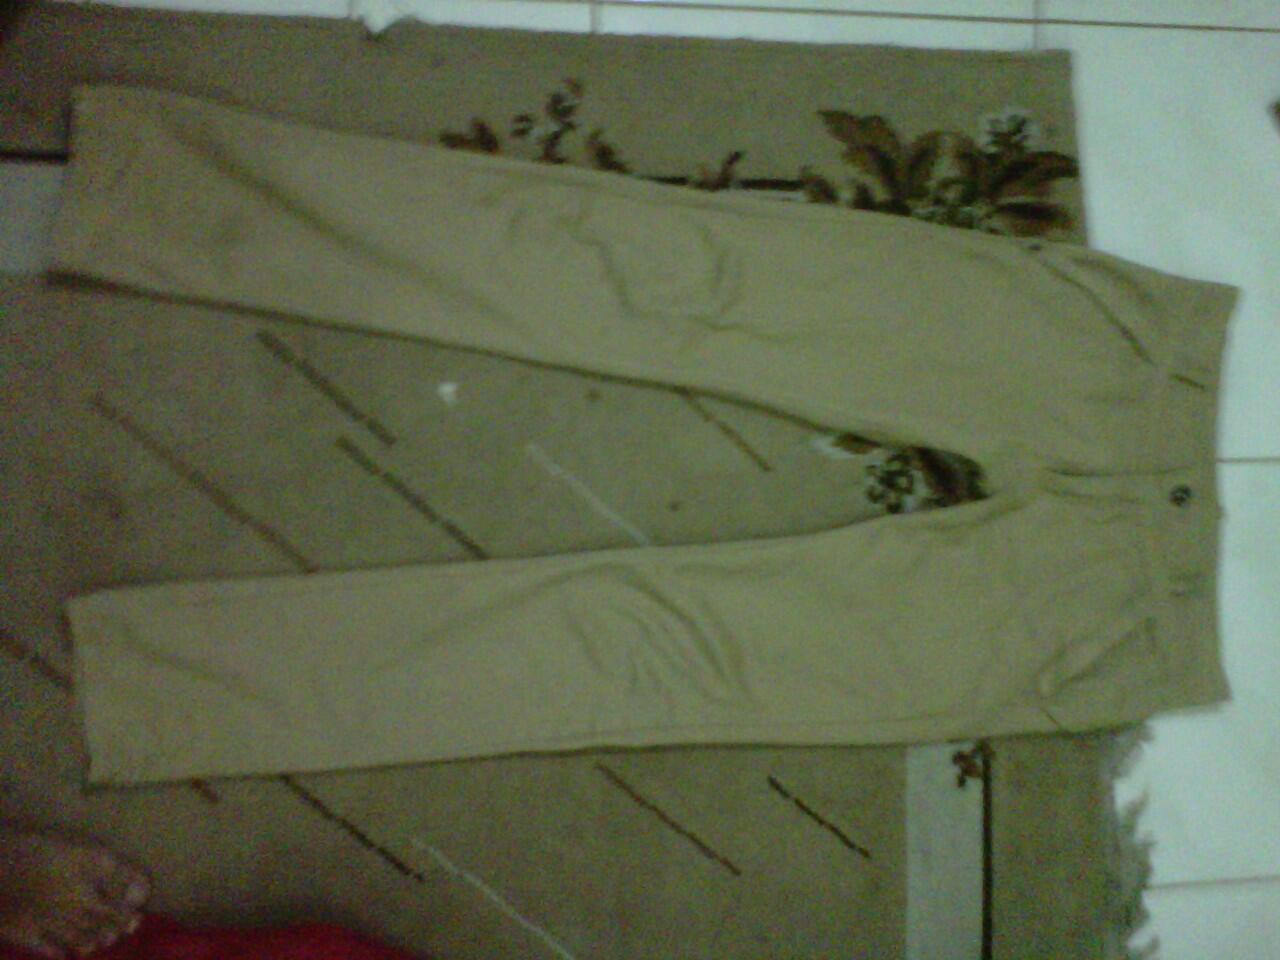 jual celana chinos murah tapi berkualitas gan!!!!